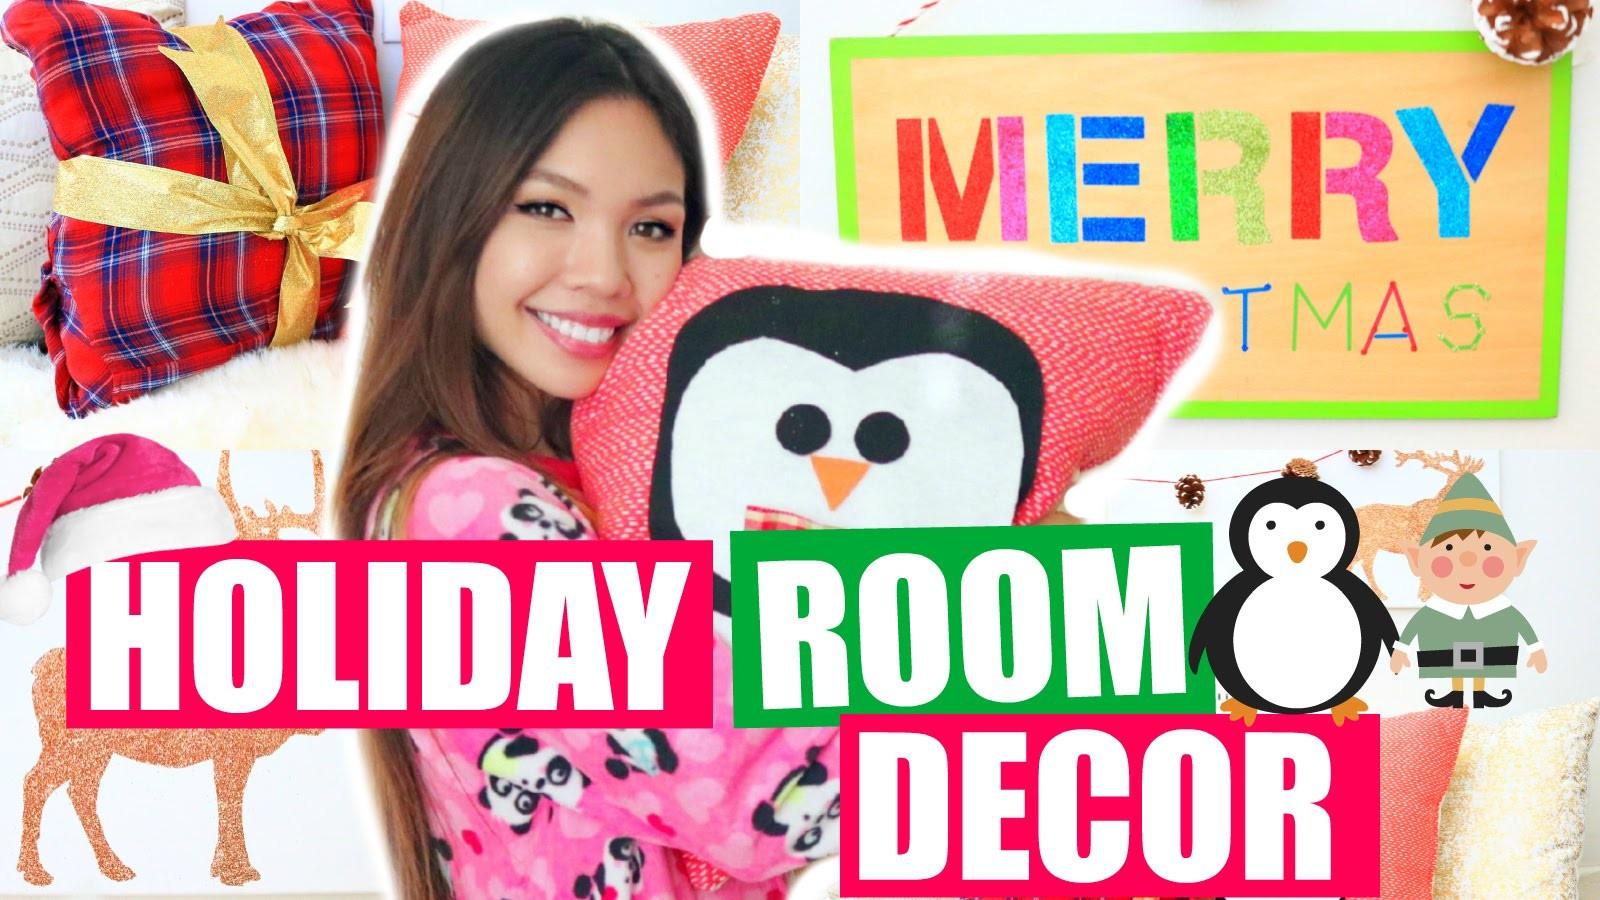 Easy DIY Holiday Room Decor Ideas! | CHRISTMAS 2015